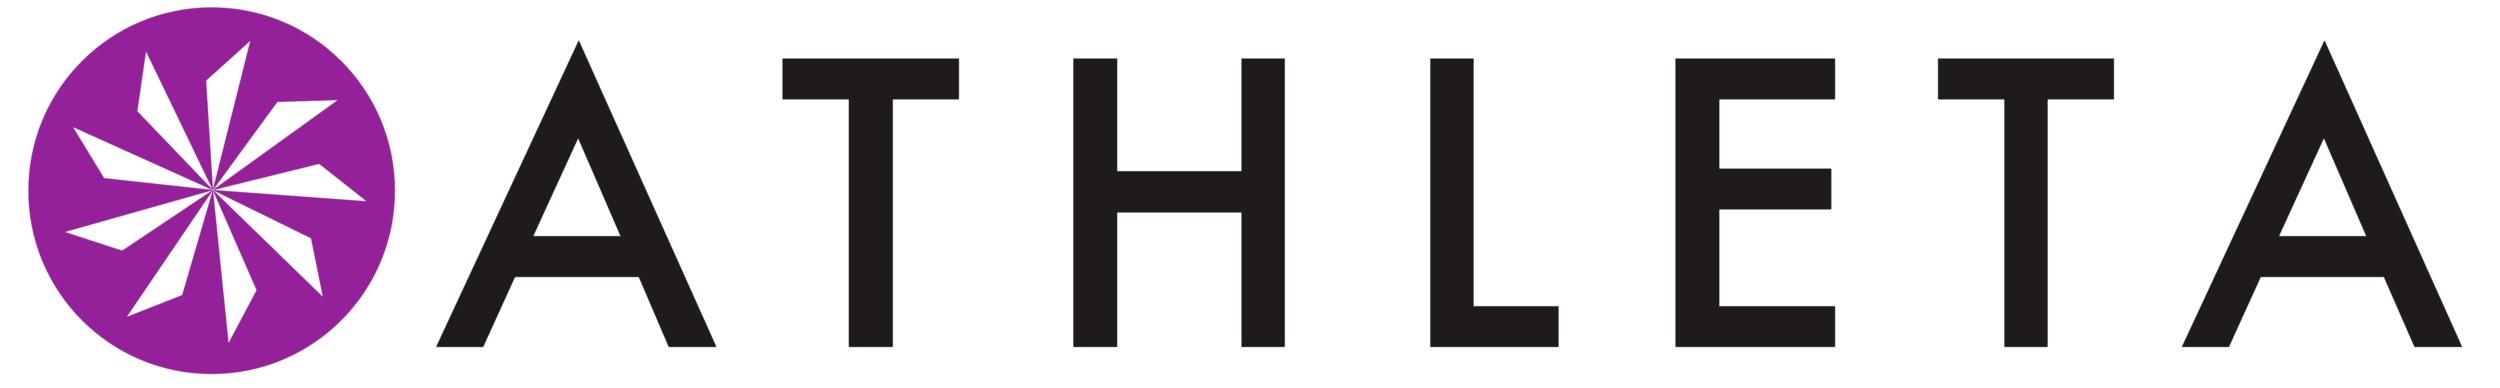 athleta+logo.jpg